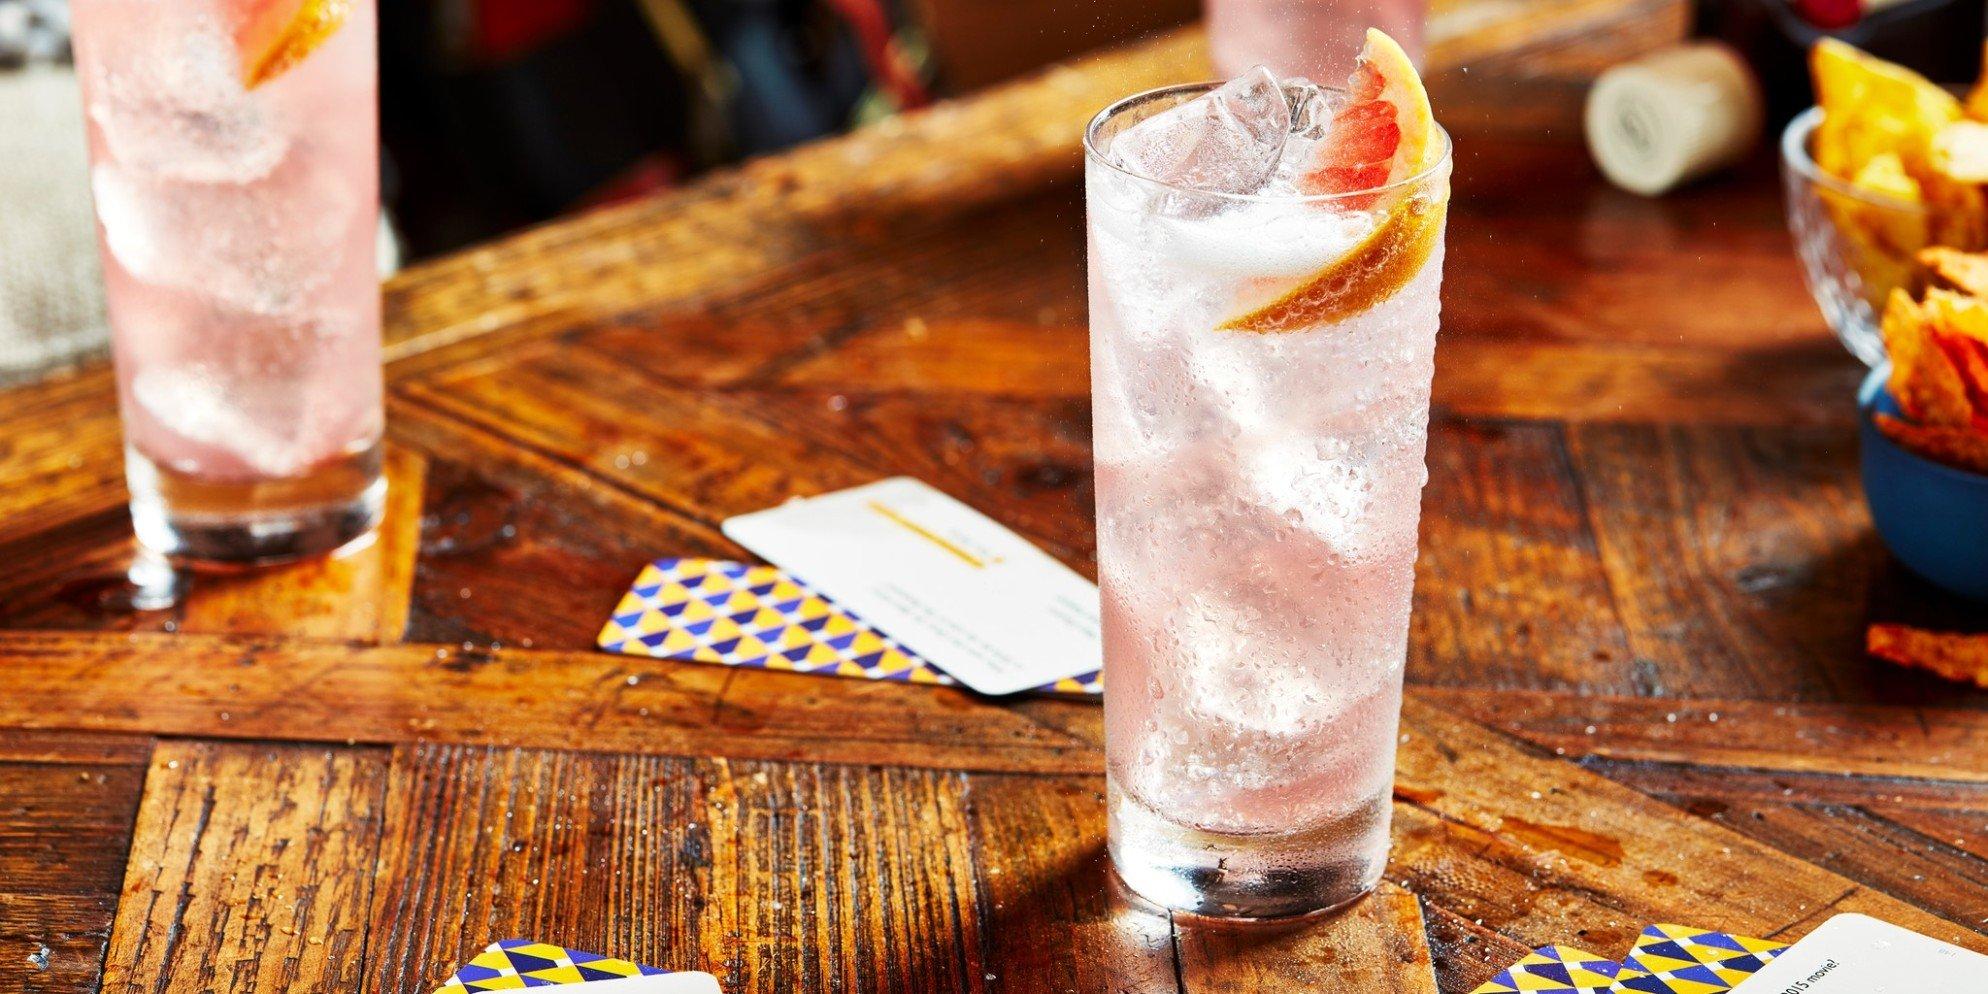 Cócteles de whisky |Finest & Grapefruit| Clásico